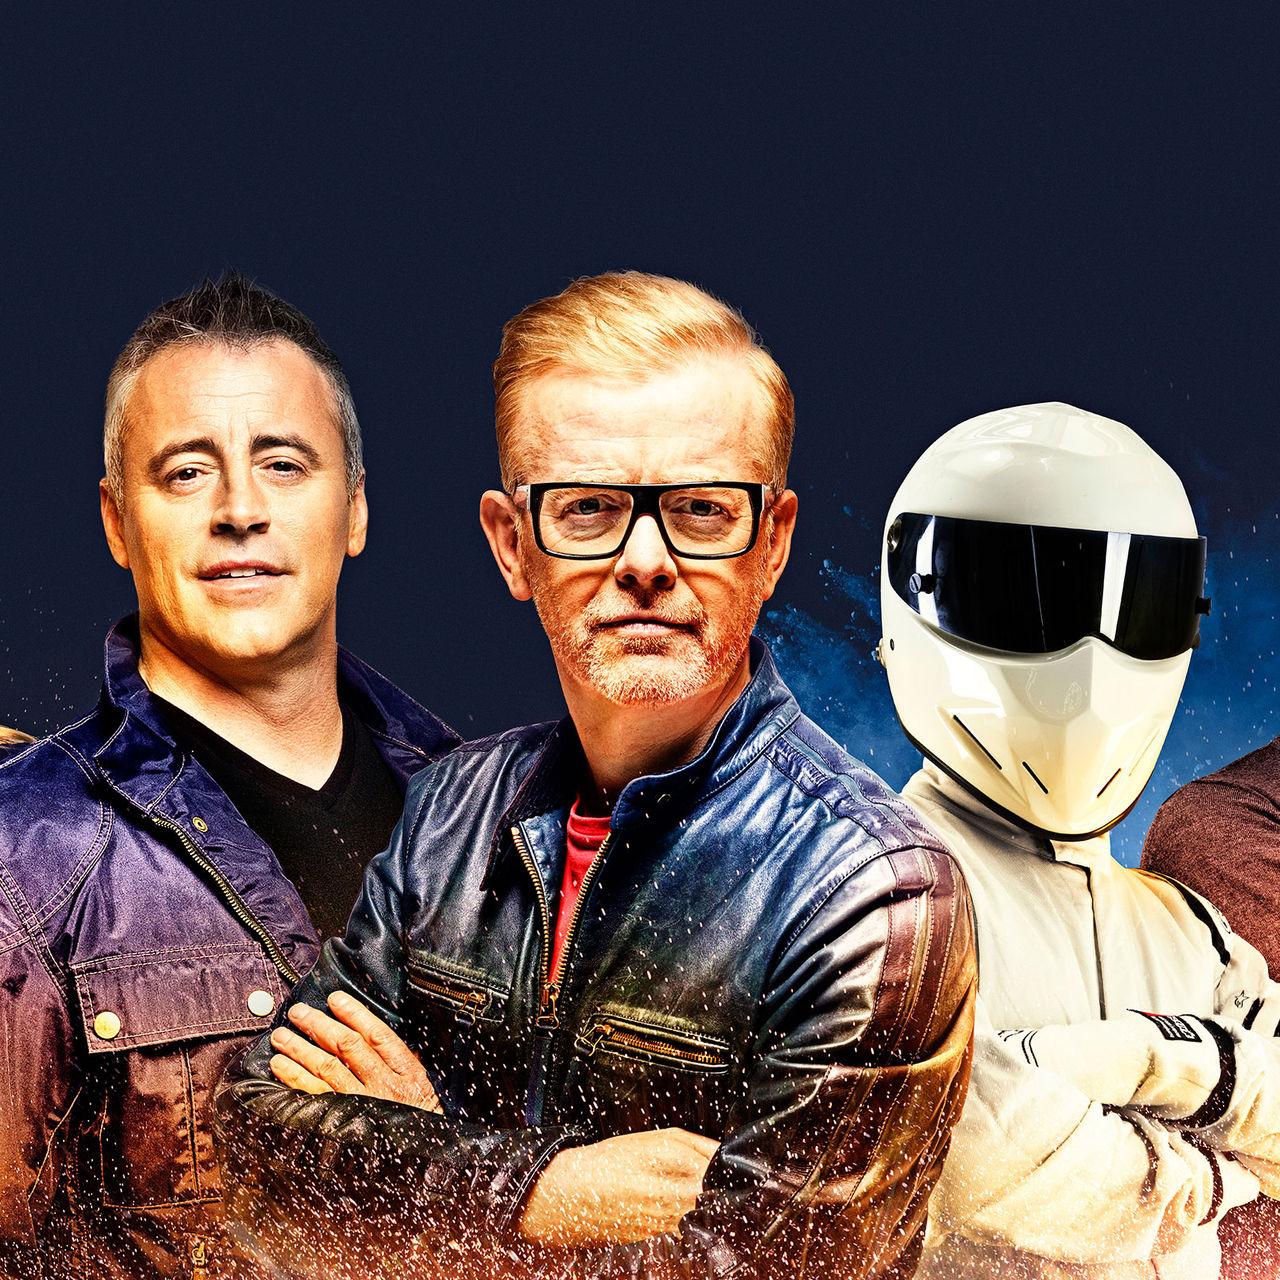 Första studioinspelningen av Top Gear ska inte ha gått smärtfritt